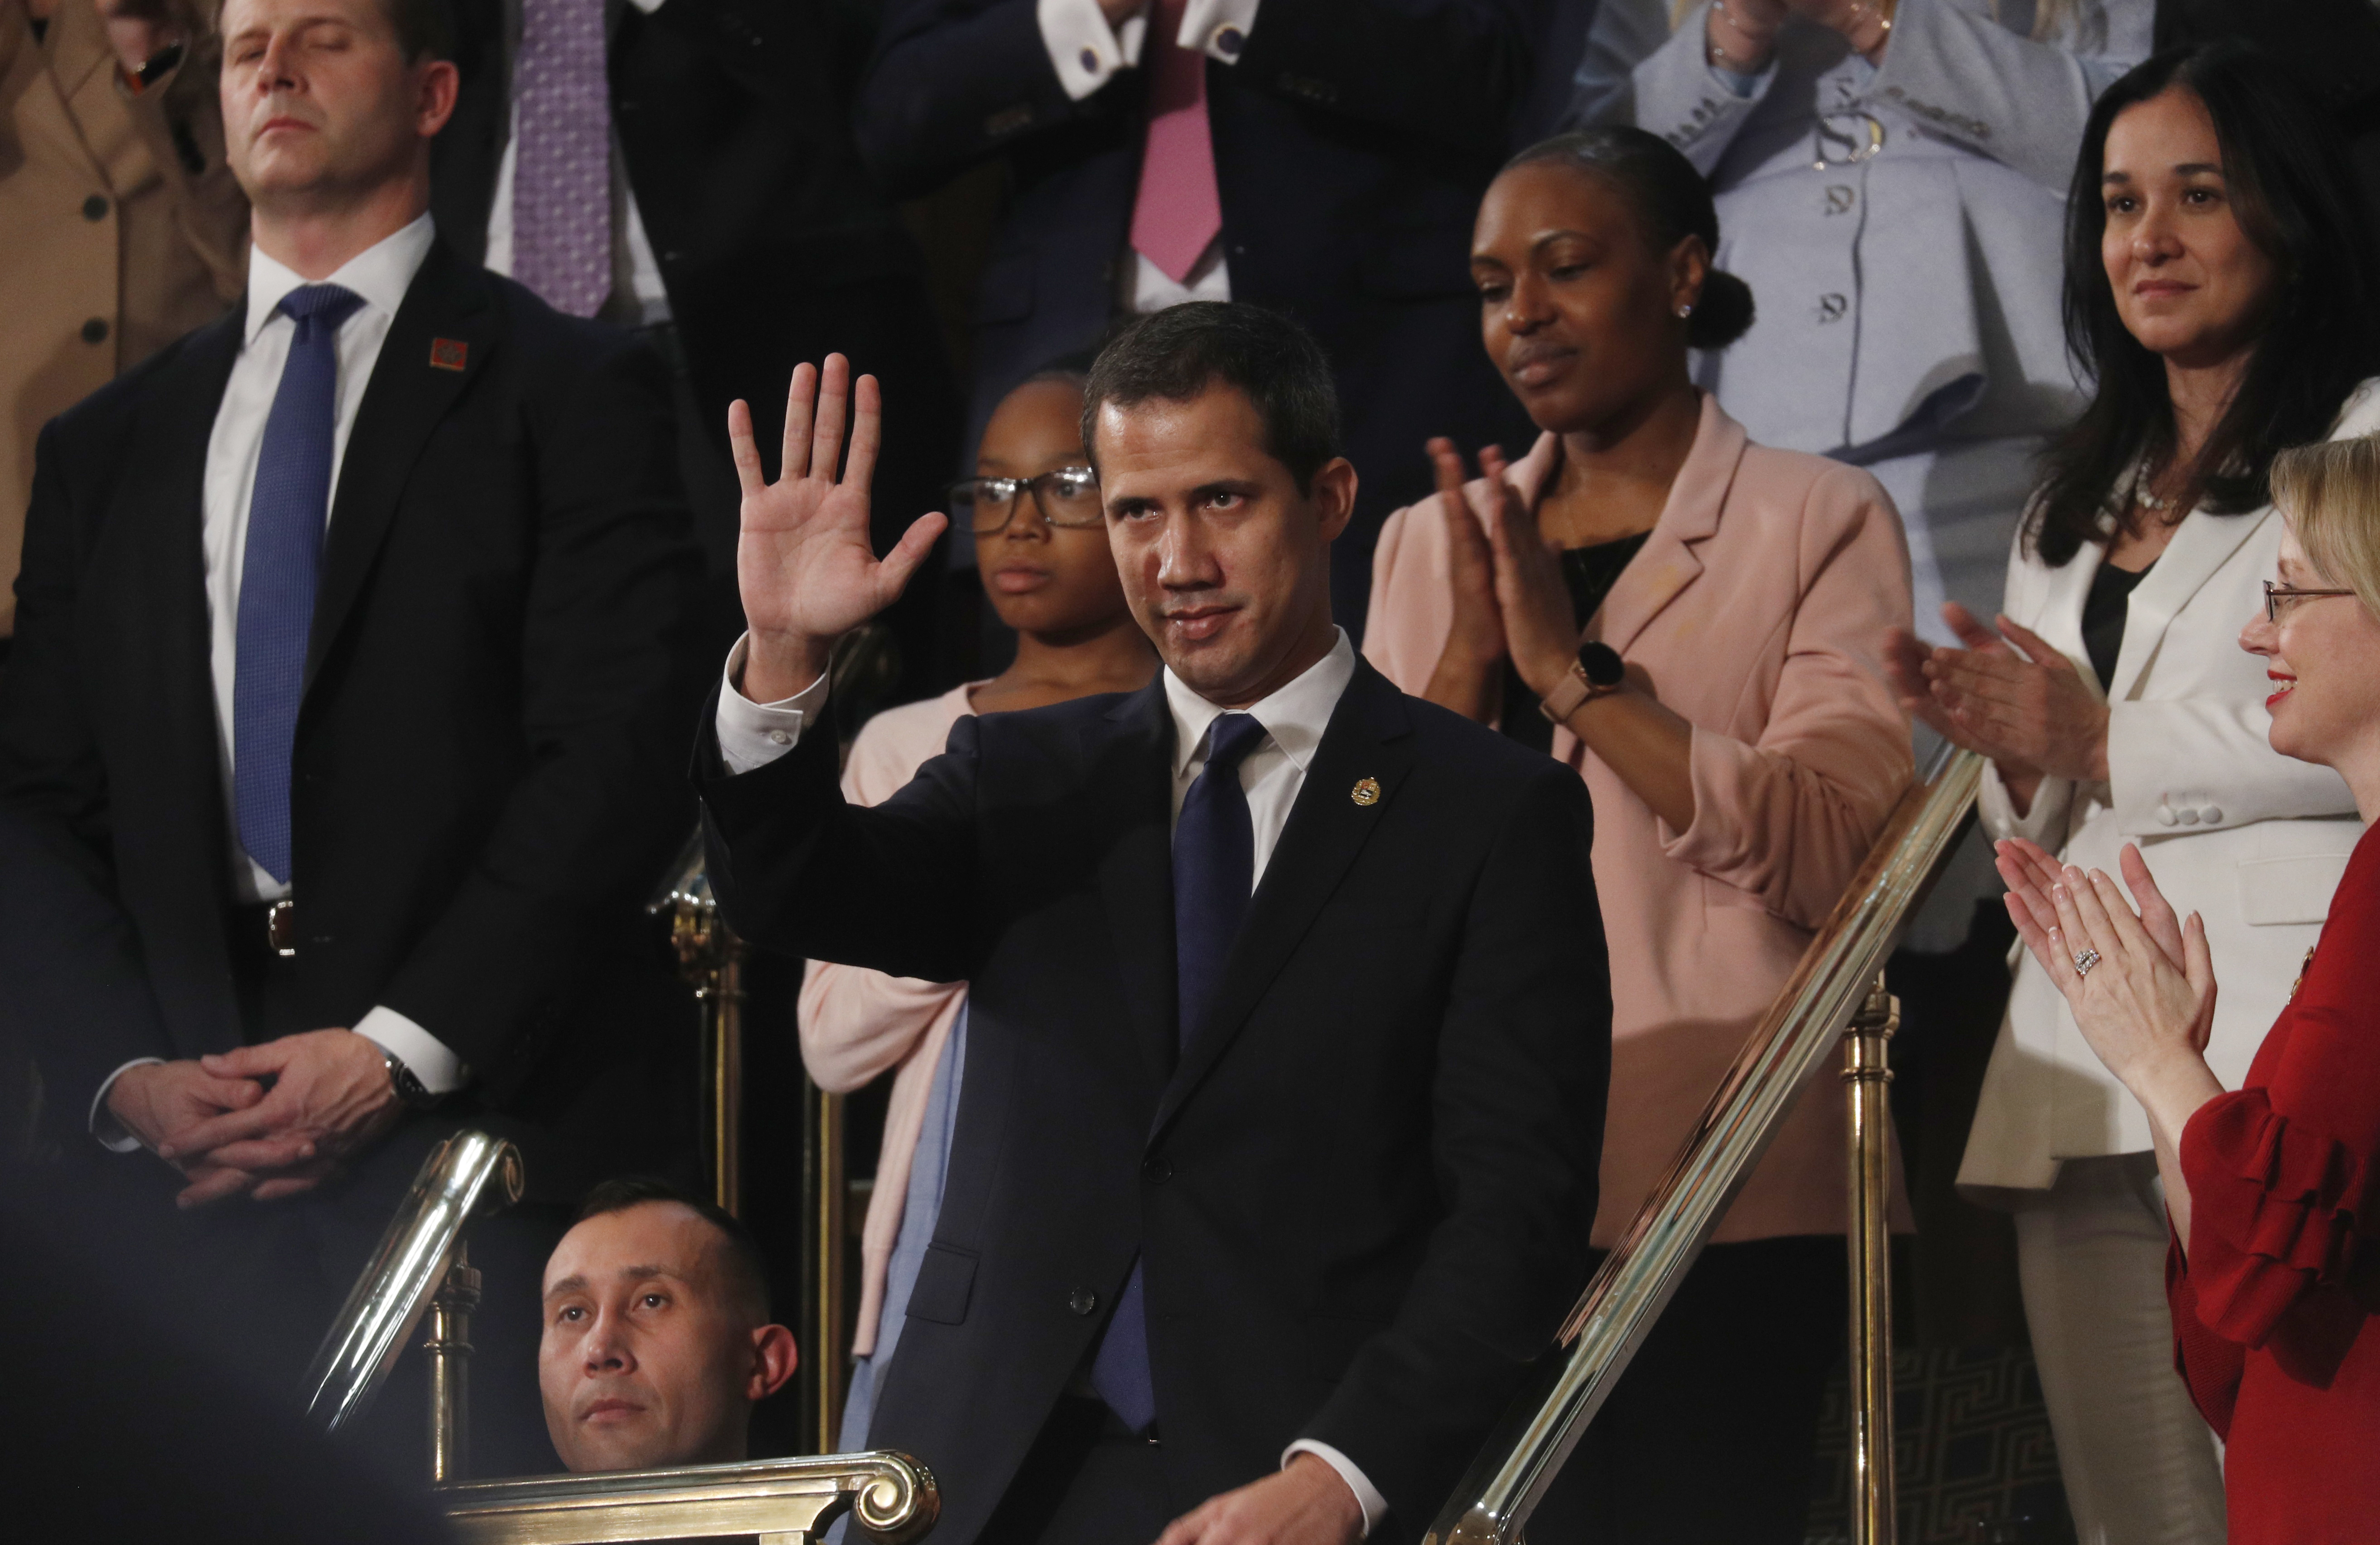 Guaidó saluda al ser ovacionado por el Congreso (REUTERS/Leah Millis/POOL)